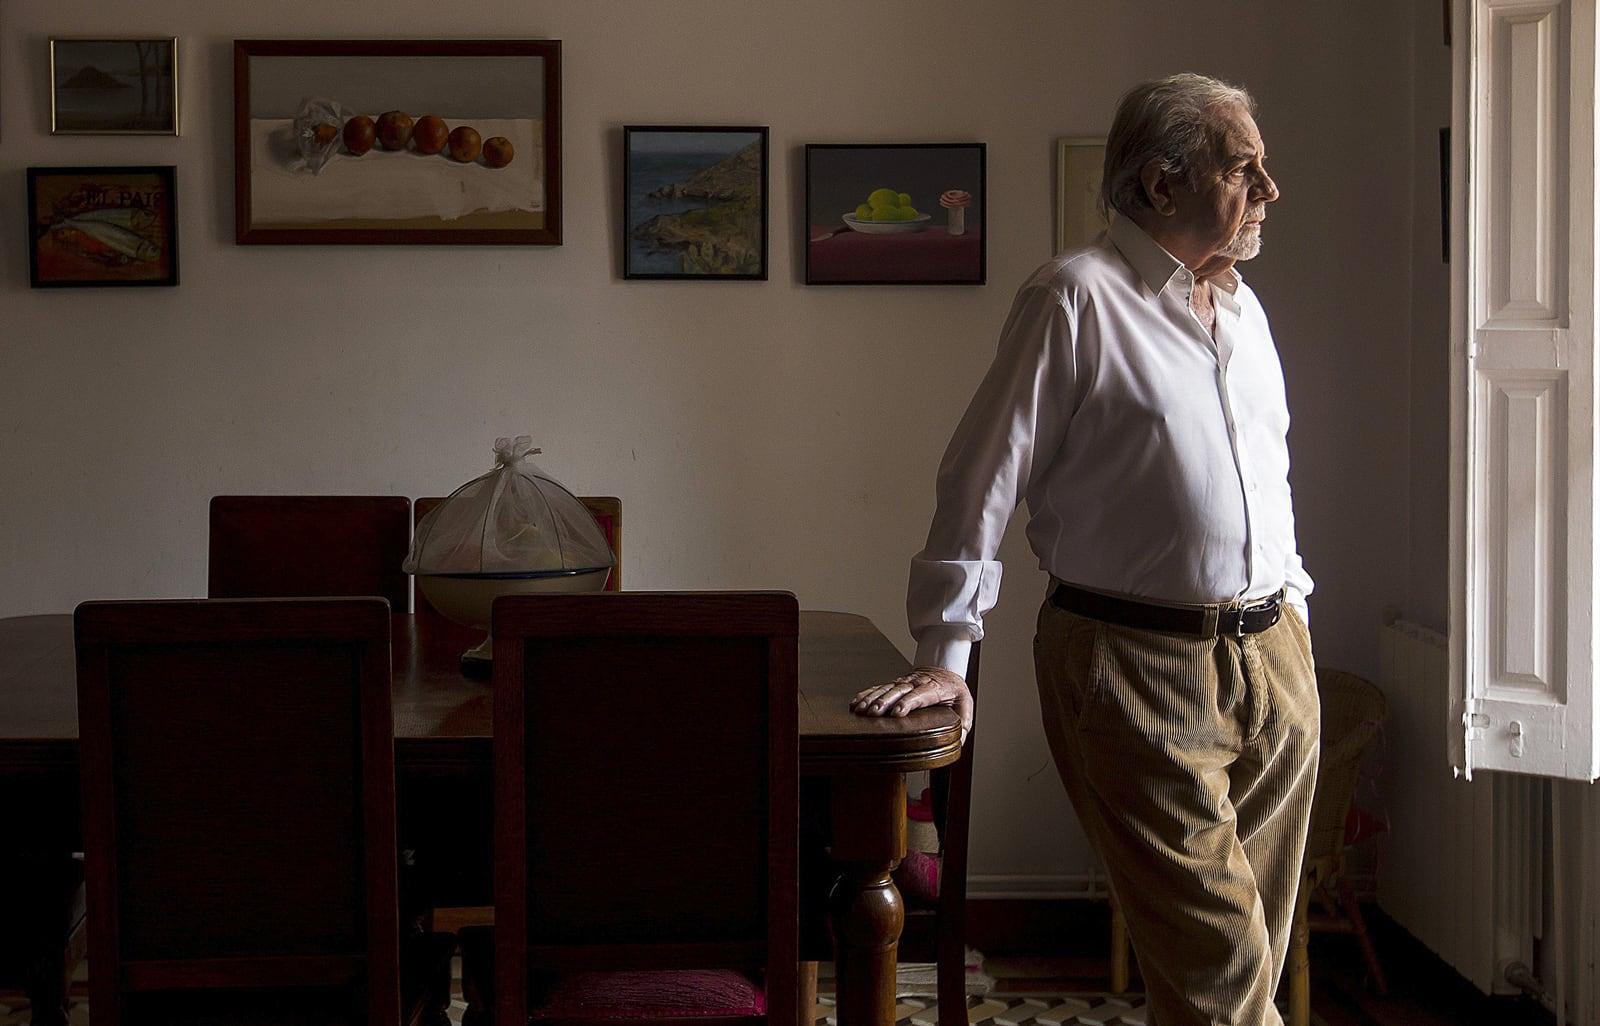 Juan Marsé retratat a casa seva l'abril del 2016. Fotografia de Quique García. Efe.